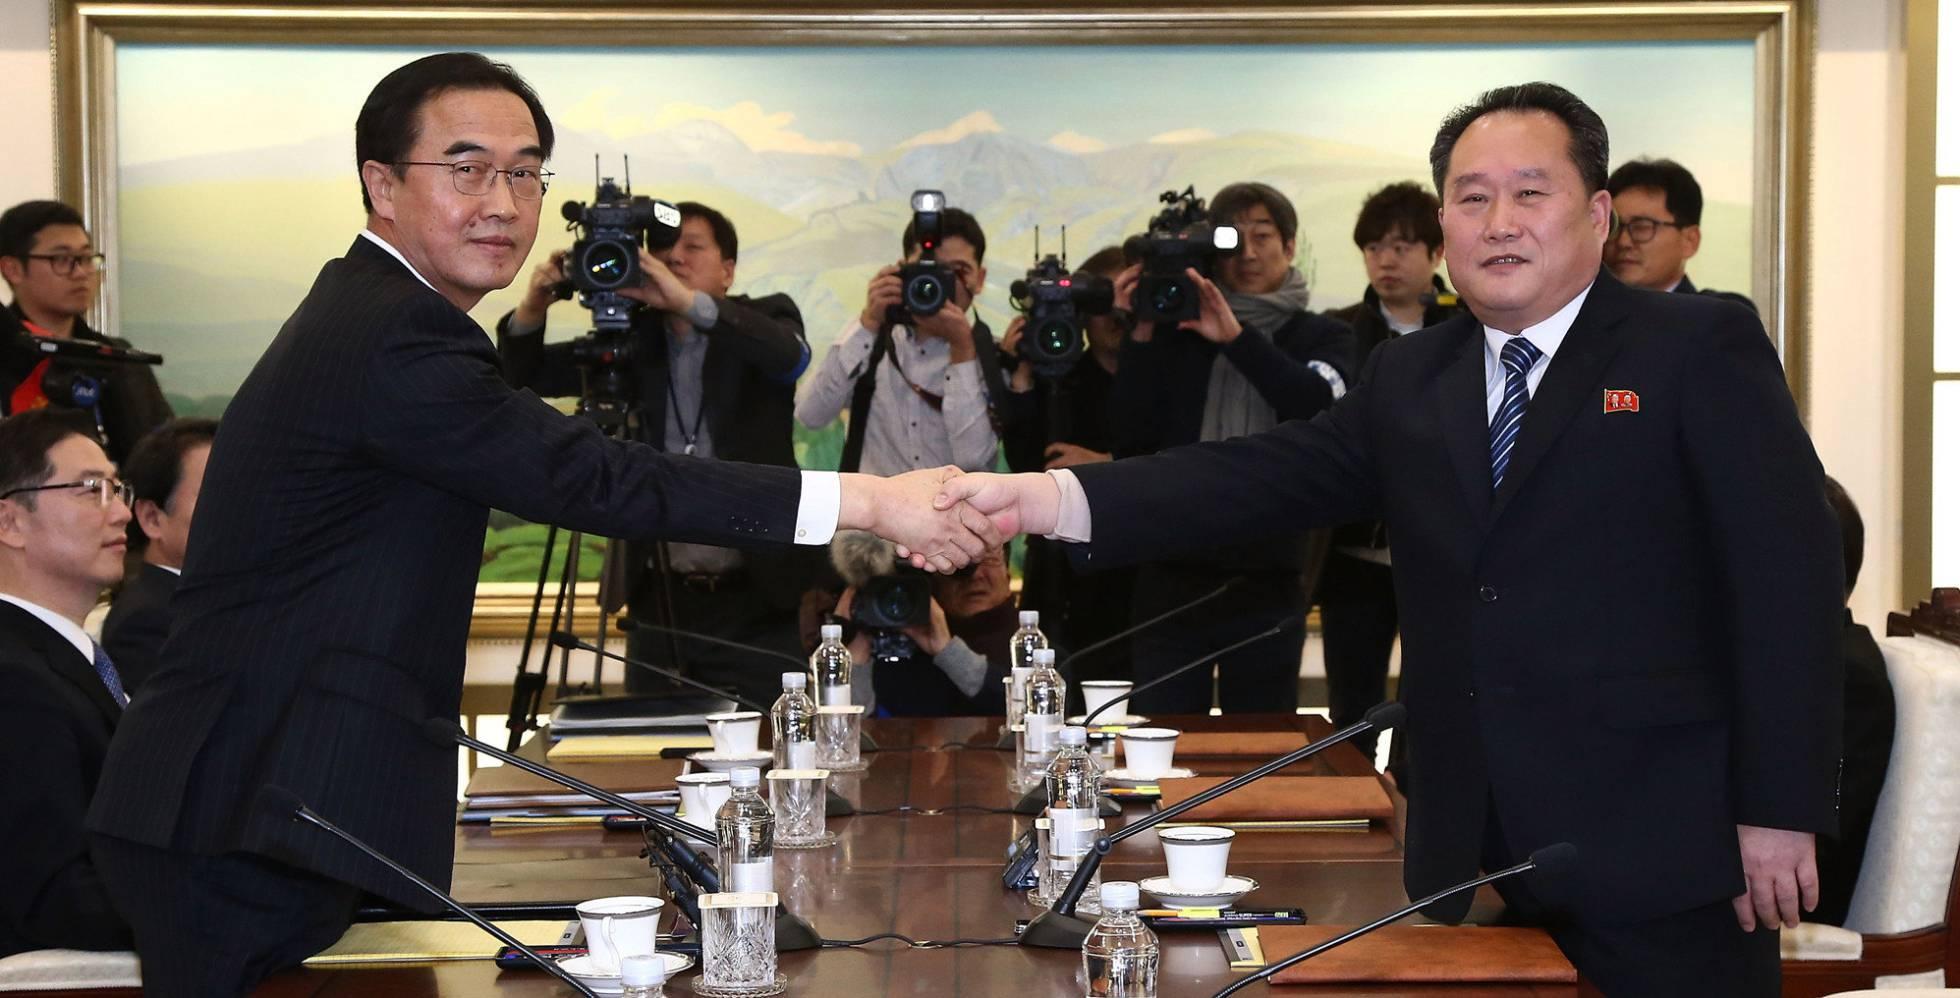 guerra - Corea Del Norte...¿La guerra se acerca? - Página 29 1515467044_666966_1515467302_noticia_normal_recorte1